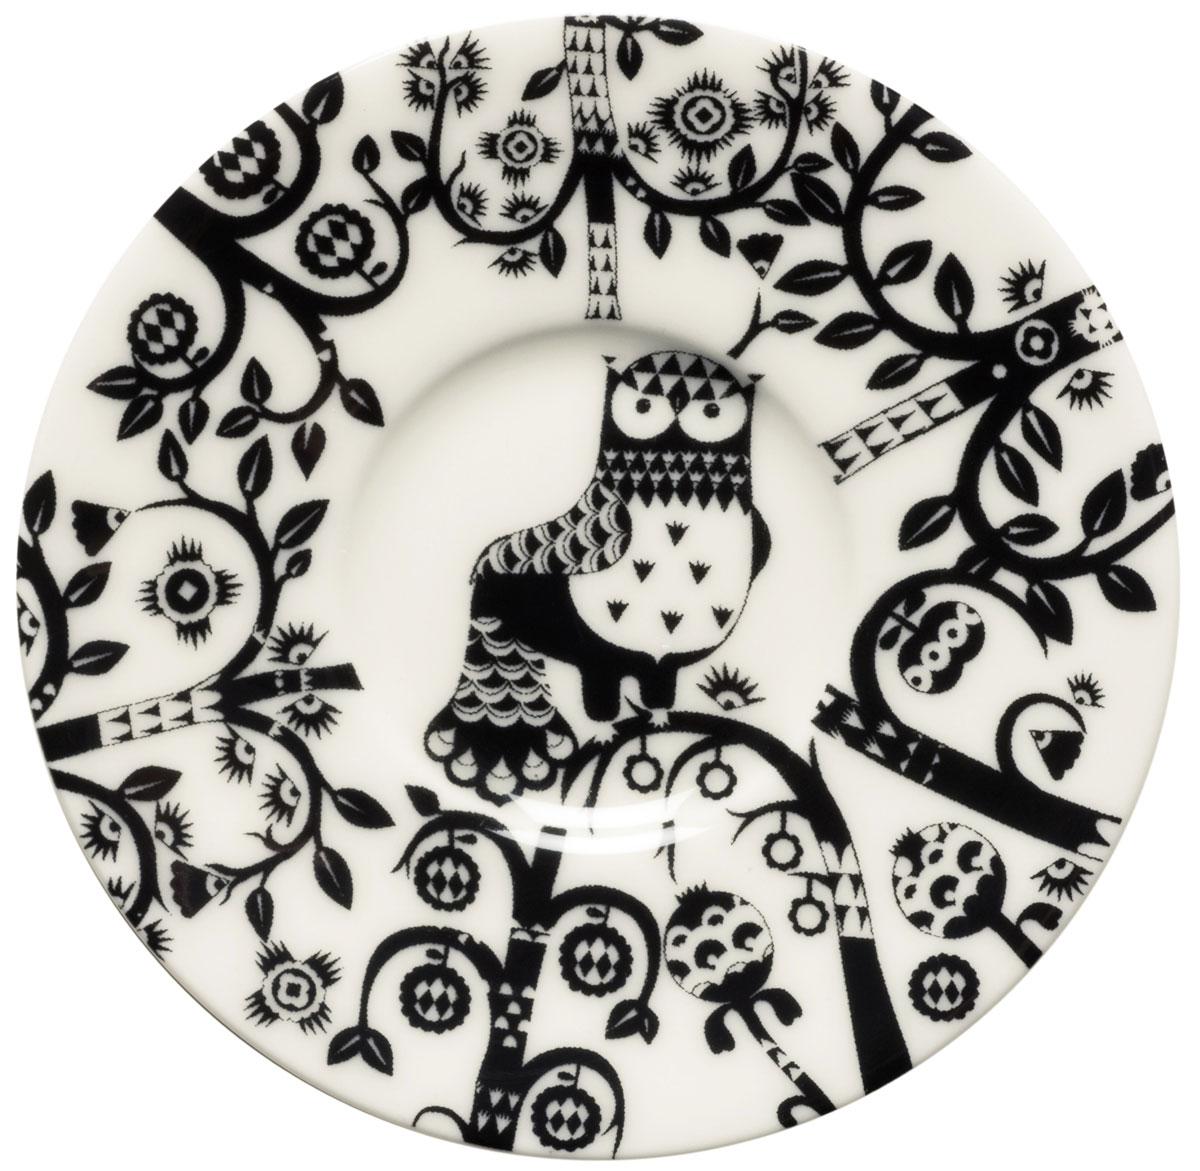 Блюдце Iittala Taika, для кофейной чашки, цвет: черный, диаметр 11 см1012499Блюдце для кофейной чашки Iittala Taika выполнено из качественного жароустойчивого прочного фарфора с долговечным стекловидным эмалевым покрытием.Можно мыть в посудомоечной машине. Диаметр: 11 см.